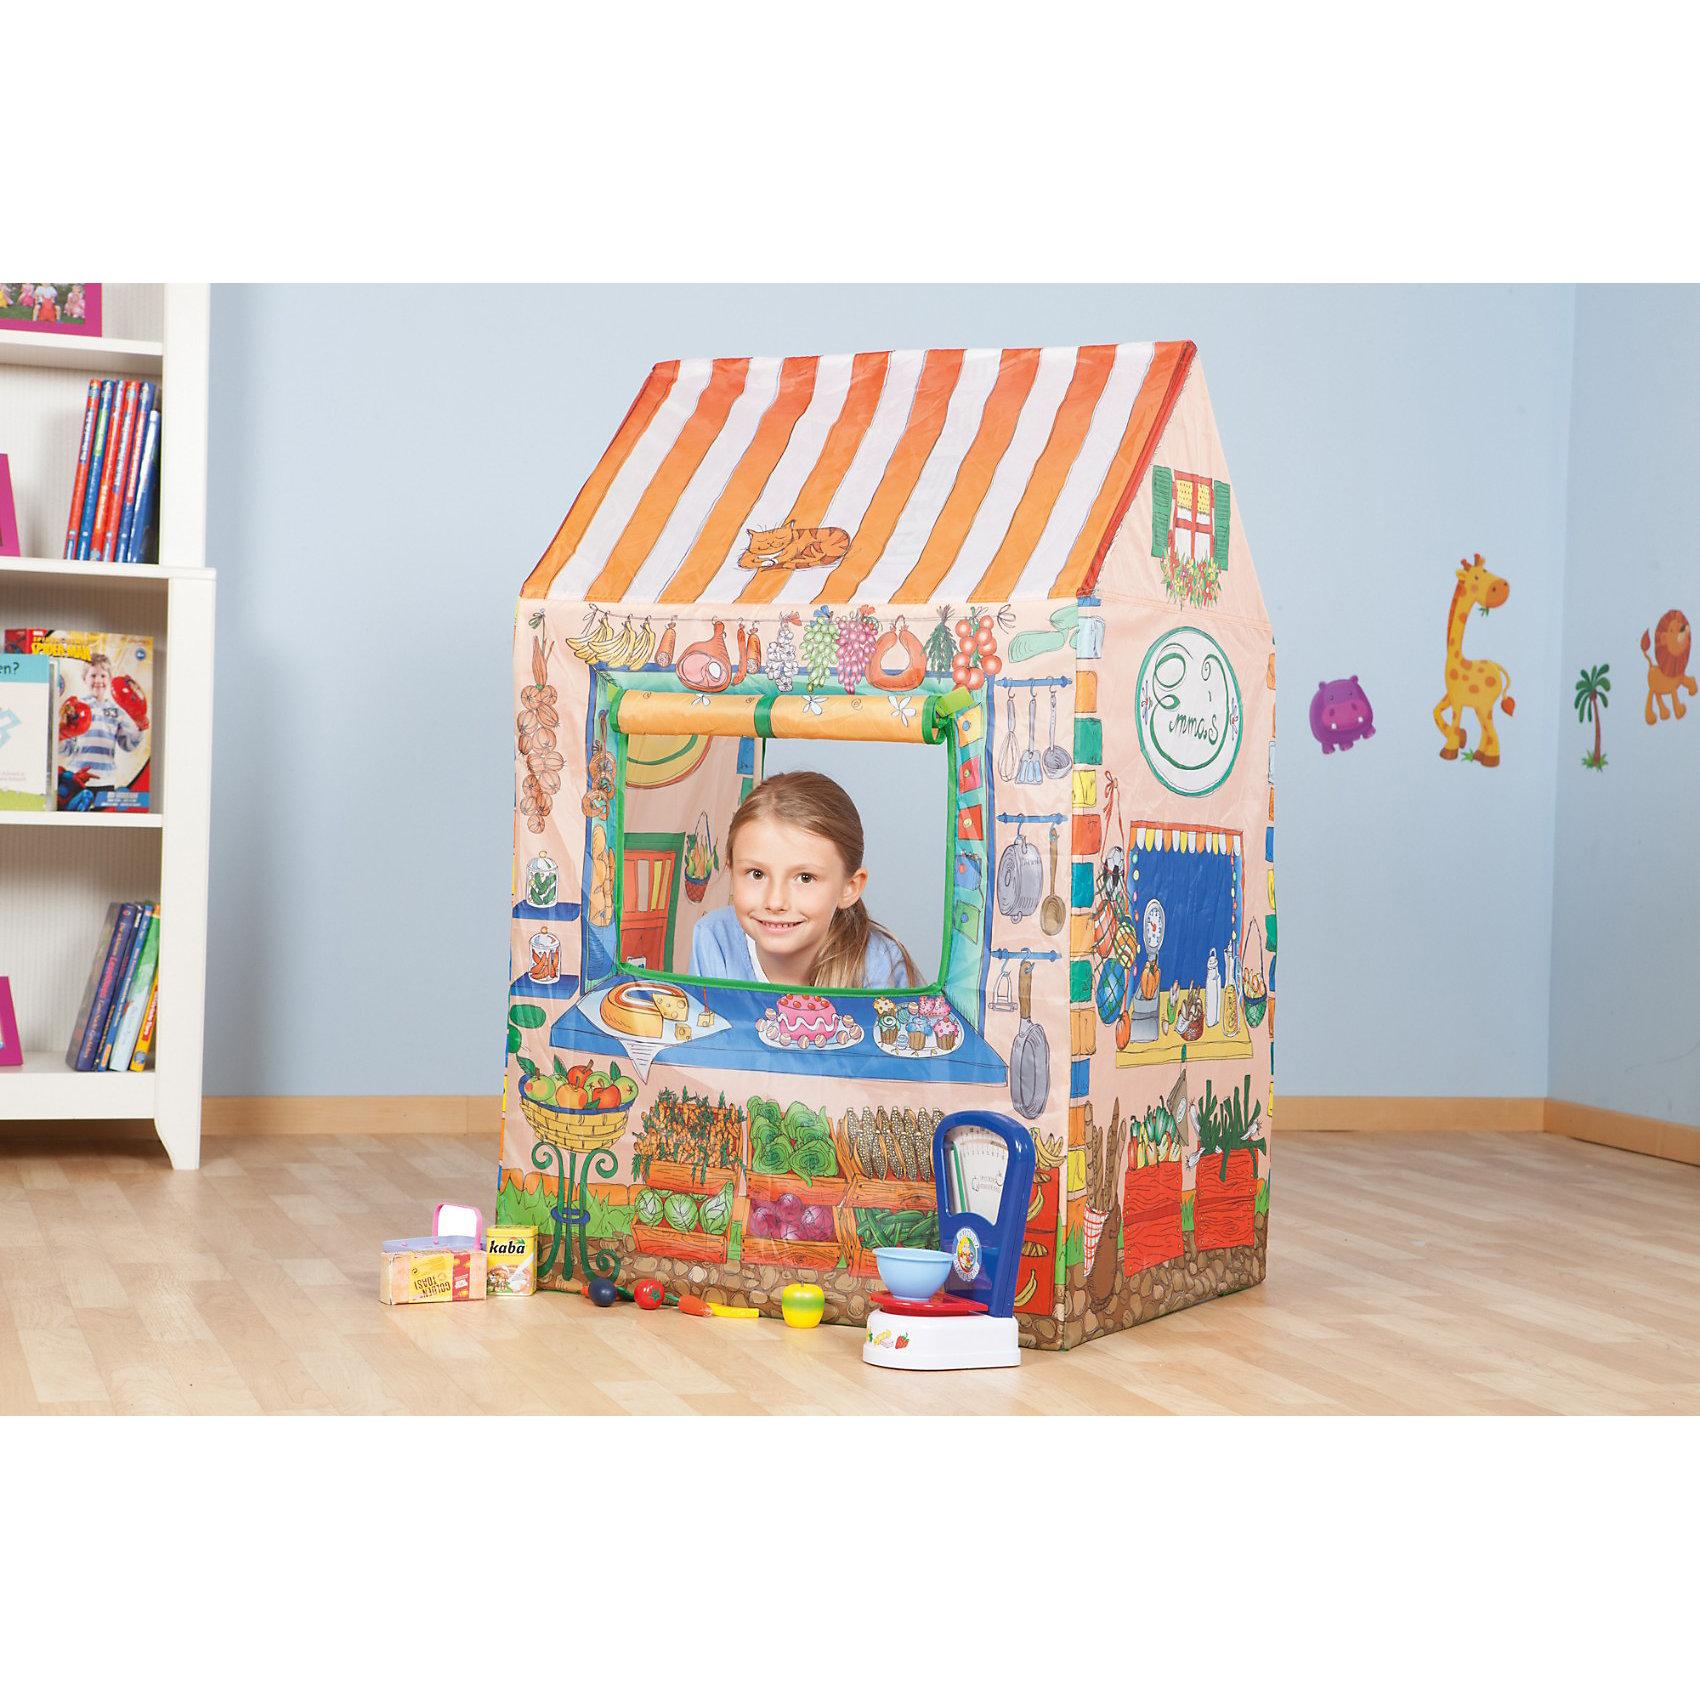 Палатка Магазин, 70*60*110 см, JohnИгровая палатка Магазин, John, станет чудесным подарком для Вашего ребенка и замечательно подойдет для любимой детской игры в магазин. Красочная палатка выполнена в виде продуктового магазина с прилавком, стены украшены изображениями разнообразных продуктов и посуды. Имеется большое окно, которое можно оставлять открытым с помощью креплений-ленточек и открытый проветриваемый верх. Палатка быстро и легко собирается и разбирается. Этот замечательный игровой домик поможет Вашему ребенку создать свой уютный уголок для игр как в помещении, так и на улице. Палатка выполнена из легкого, водонепроницаемого, моющегося материала, компактно складывается и не занимает много места. <br><br>Дополнительная информация:<br><br>- Материал: полиэстер. <br>- Размер палатки: 70 х 60 х 110 см.<br>- Размер упаковки: 36 х 26,5 х 6 см. <br>- Вес: 1 кг. <br><br>Яркая палатка будет чудесным местом для самостоятельной игры ребёнка и отлично подойдёт для сюжетно-ролевых игр. <br><br>Палатку Магазин, John (Джон) можно купить в нашем интернет-магазине.<br><br>Ширина мм: 268<br>Глубина мм: 363<br>Высота мм: 66<br>Вес г: 781<br>Возраст от месяцев: 36<br>Возраст до месяцев: 96<br>Пол: Унисекс<br>Возраст: Детский<br>SKU: 3586574